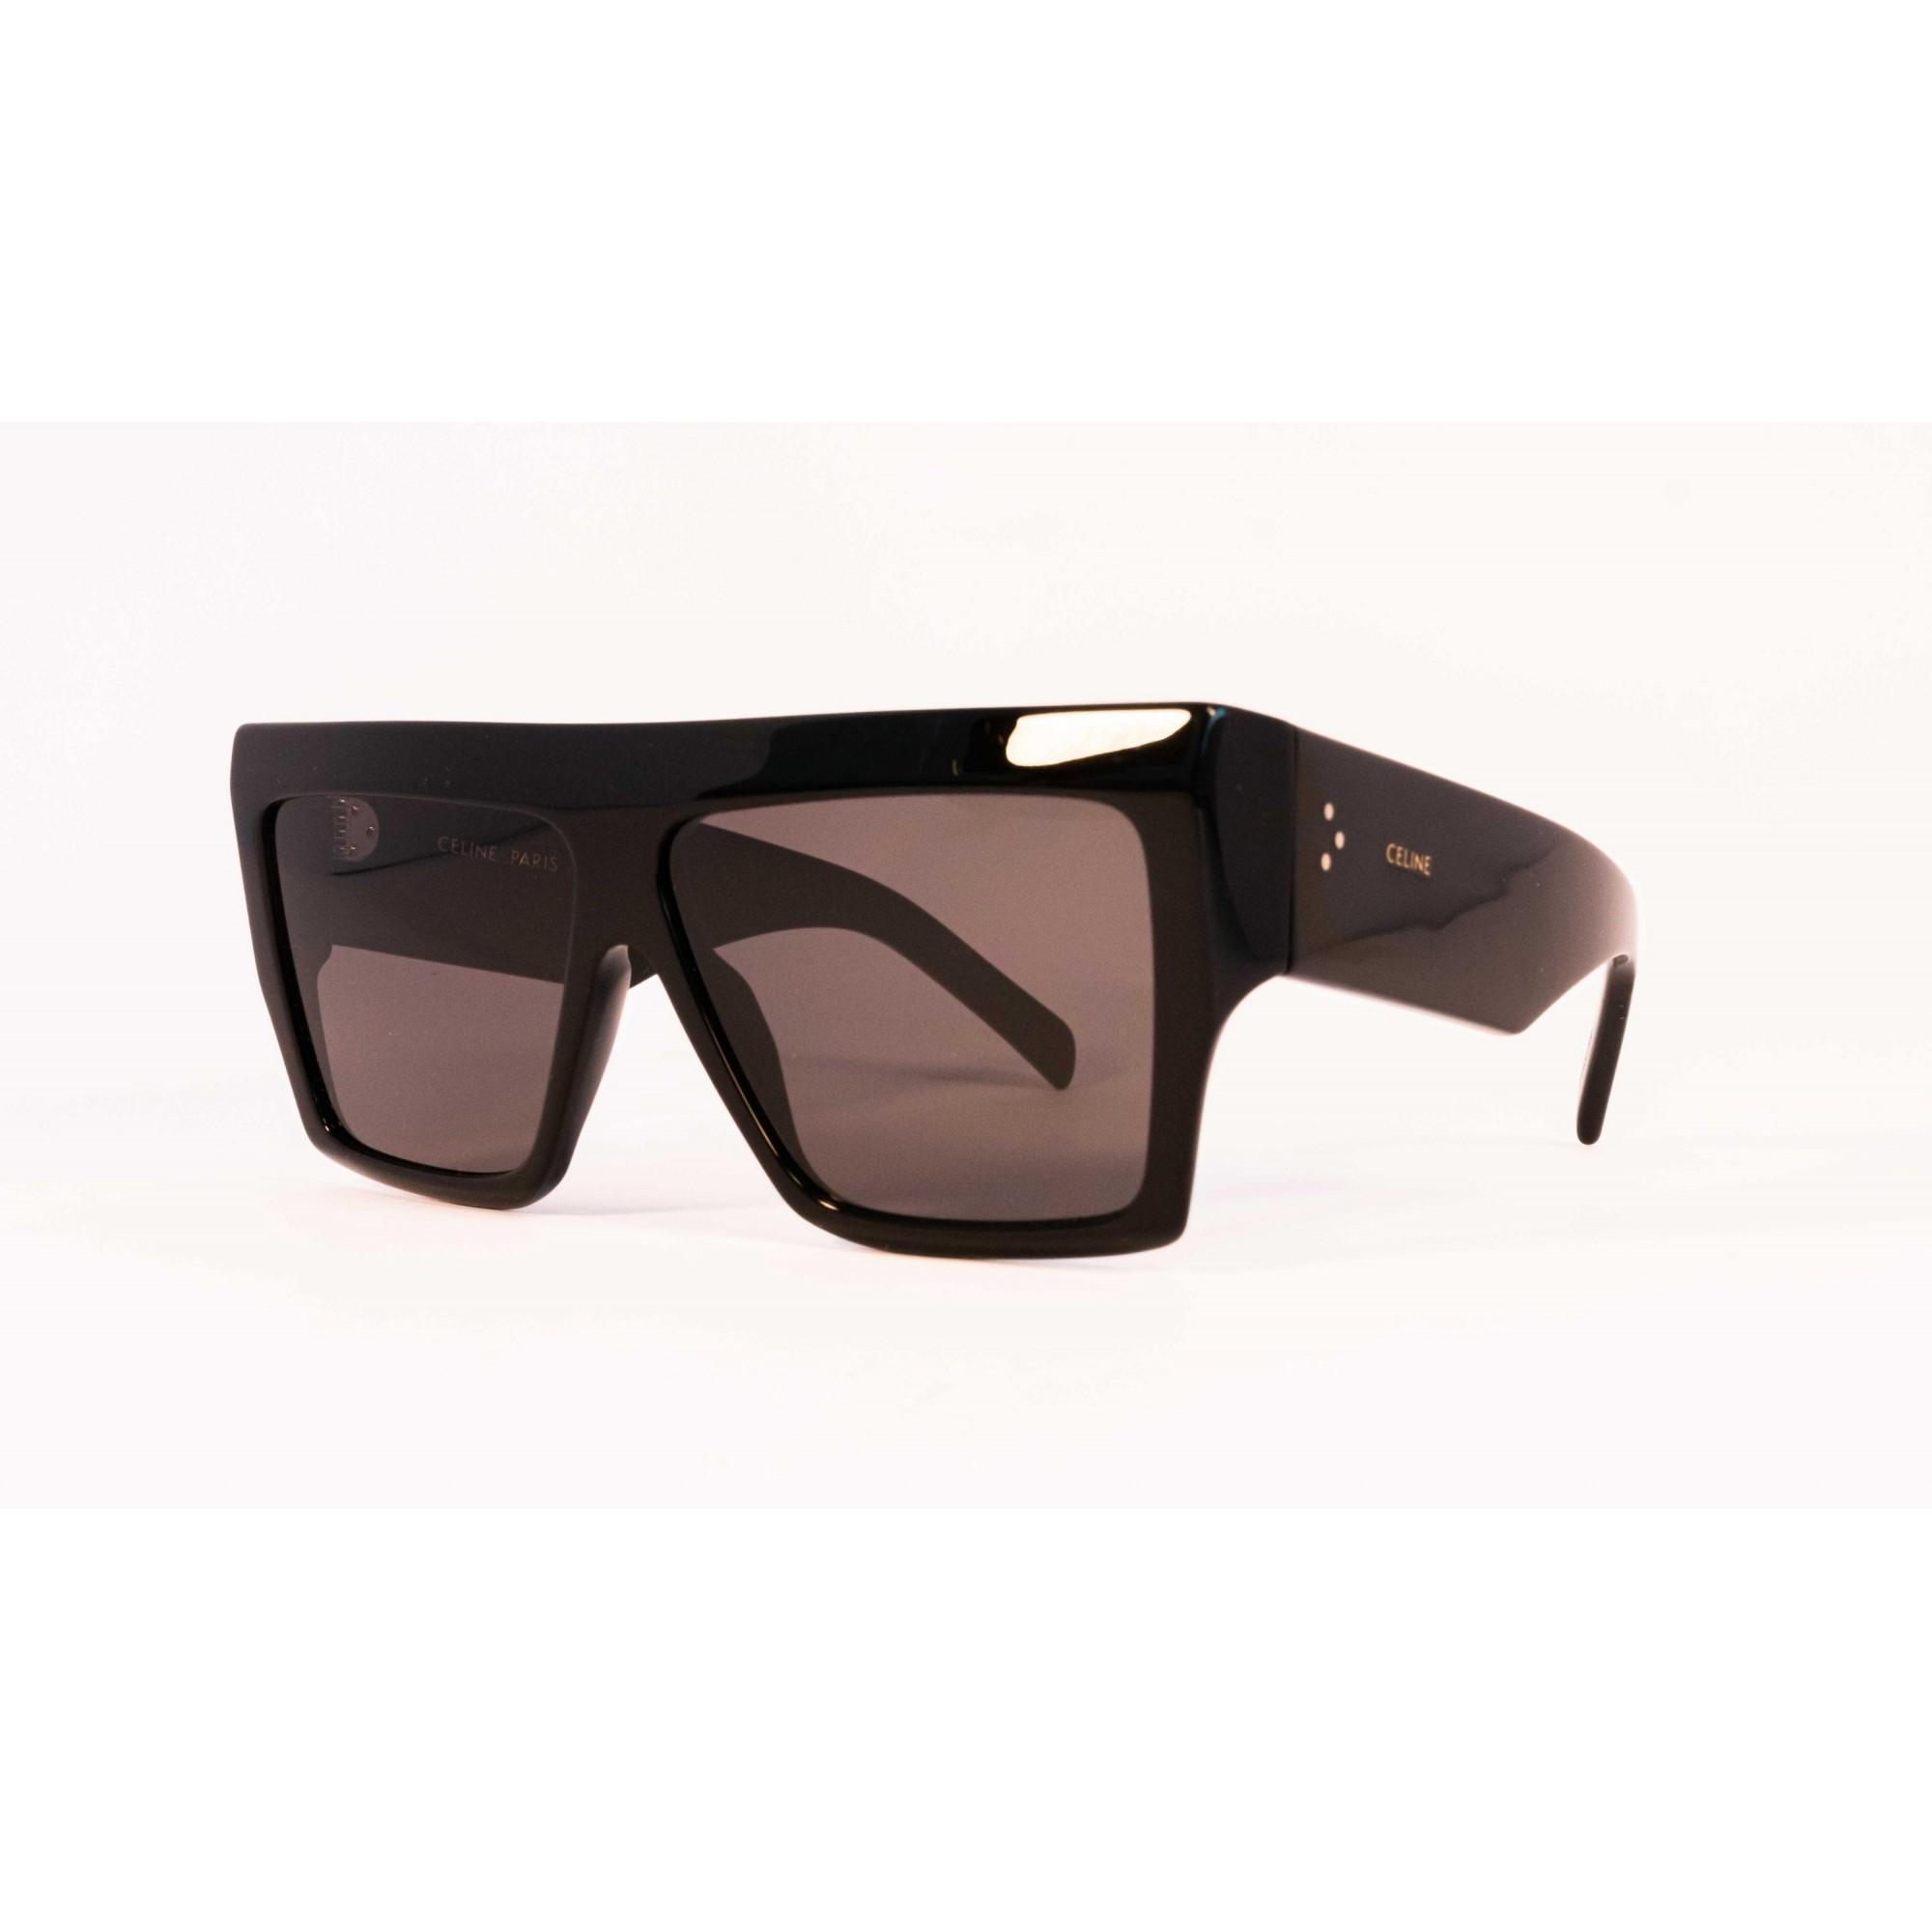 Óculos Celine Quadrado cl40092i 01a 60 Preto